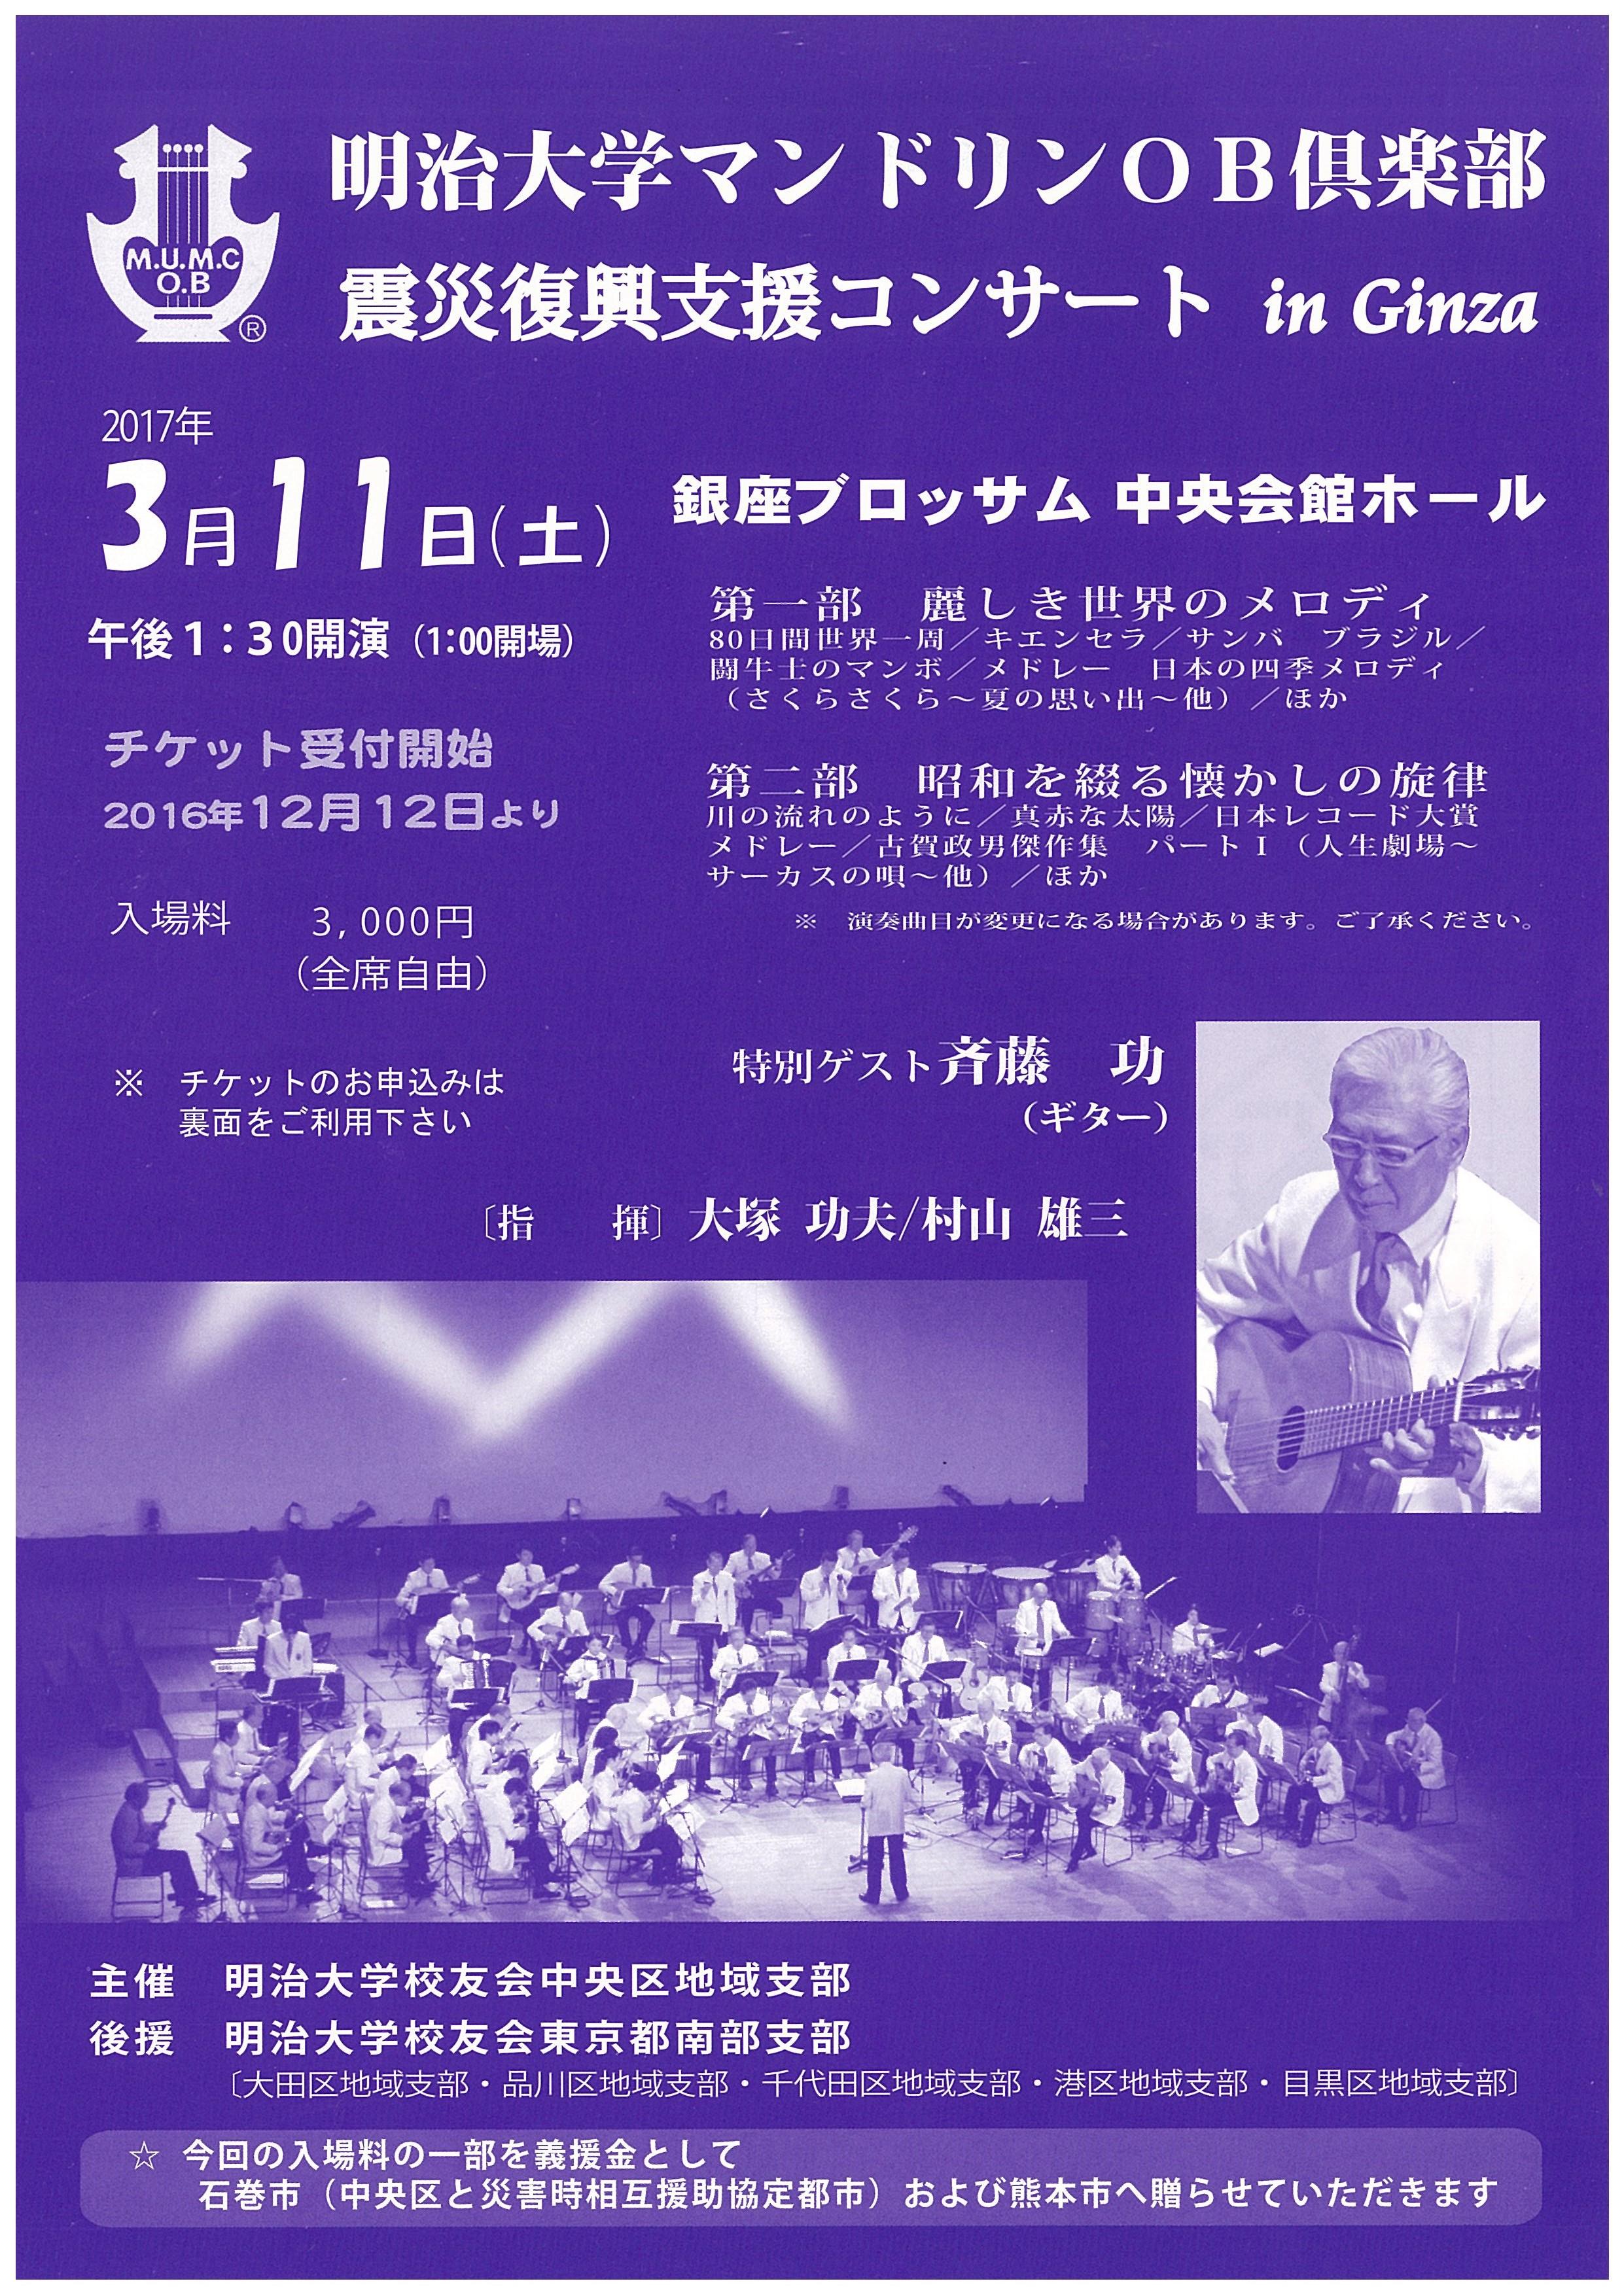 明治大学マンドリンOB倶楽部 震災復興支援コンサート in Ginza